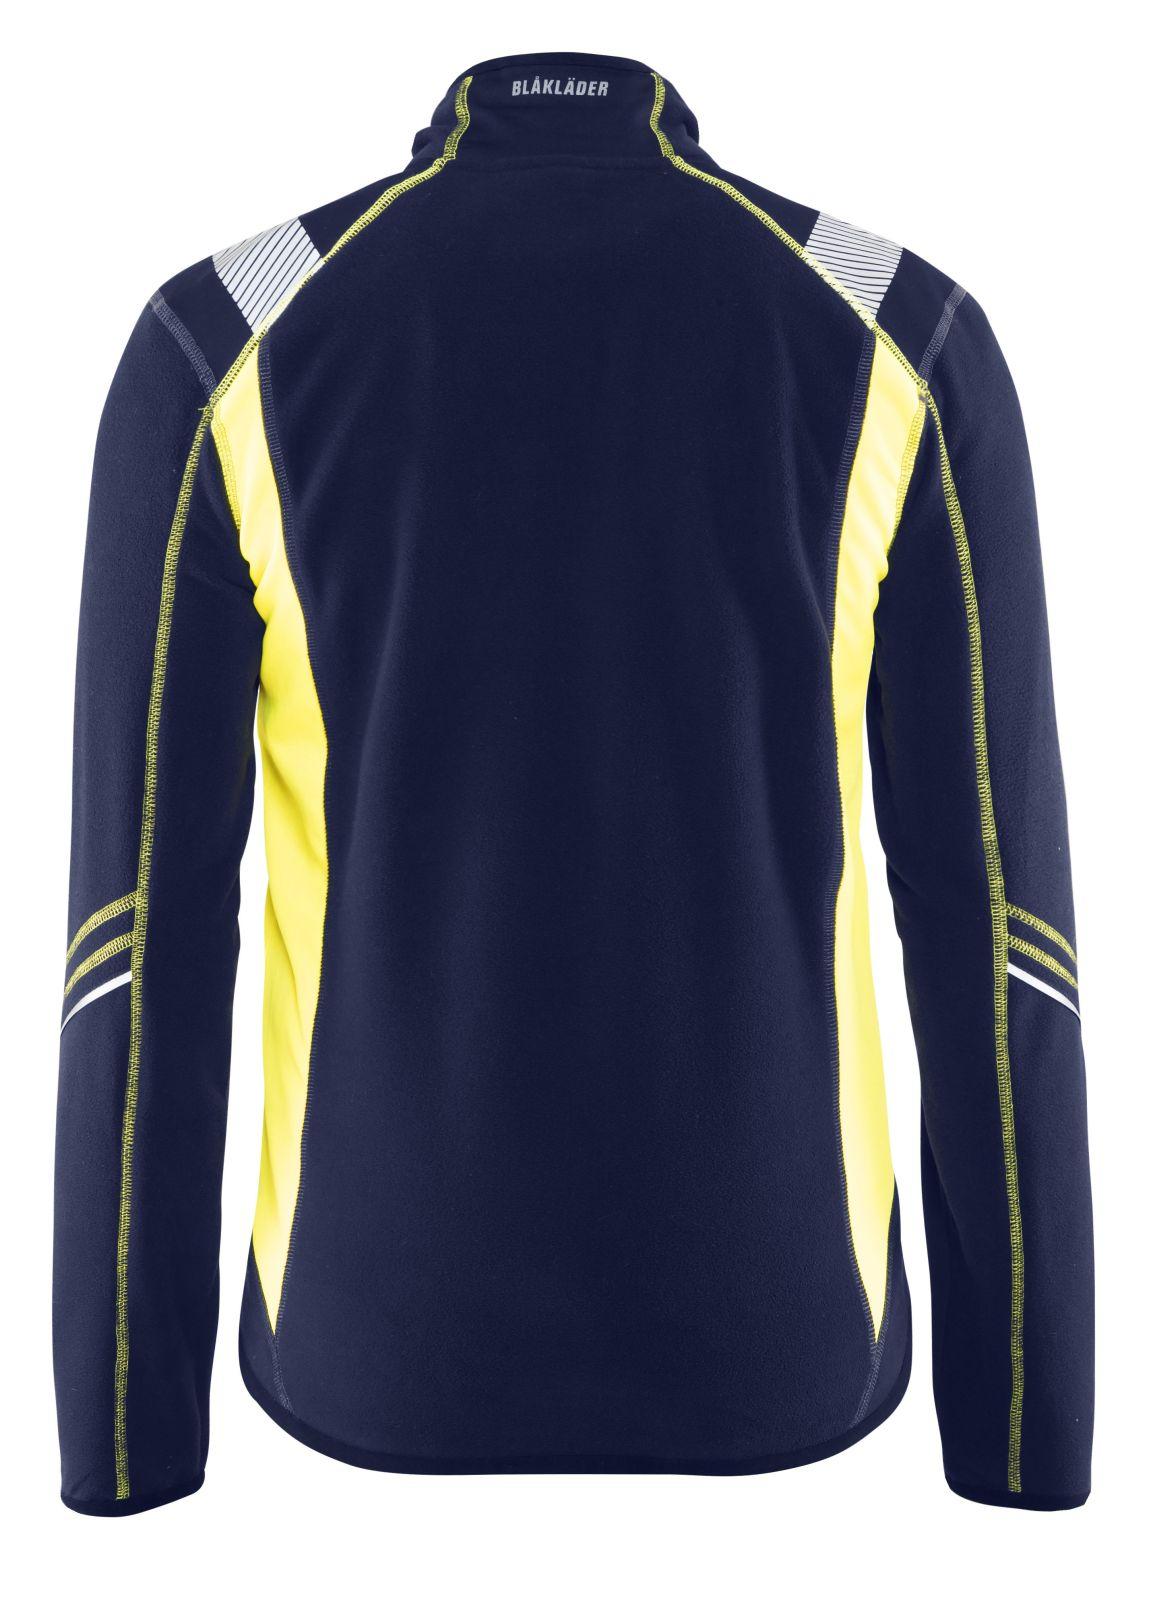 Blaklader Fleece vesten 49931010 marineblauw-geel(8933)